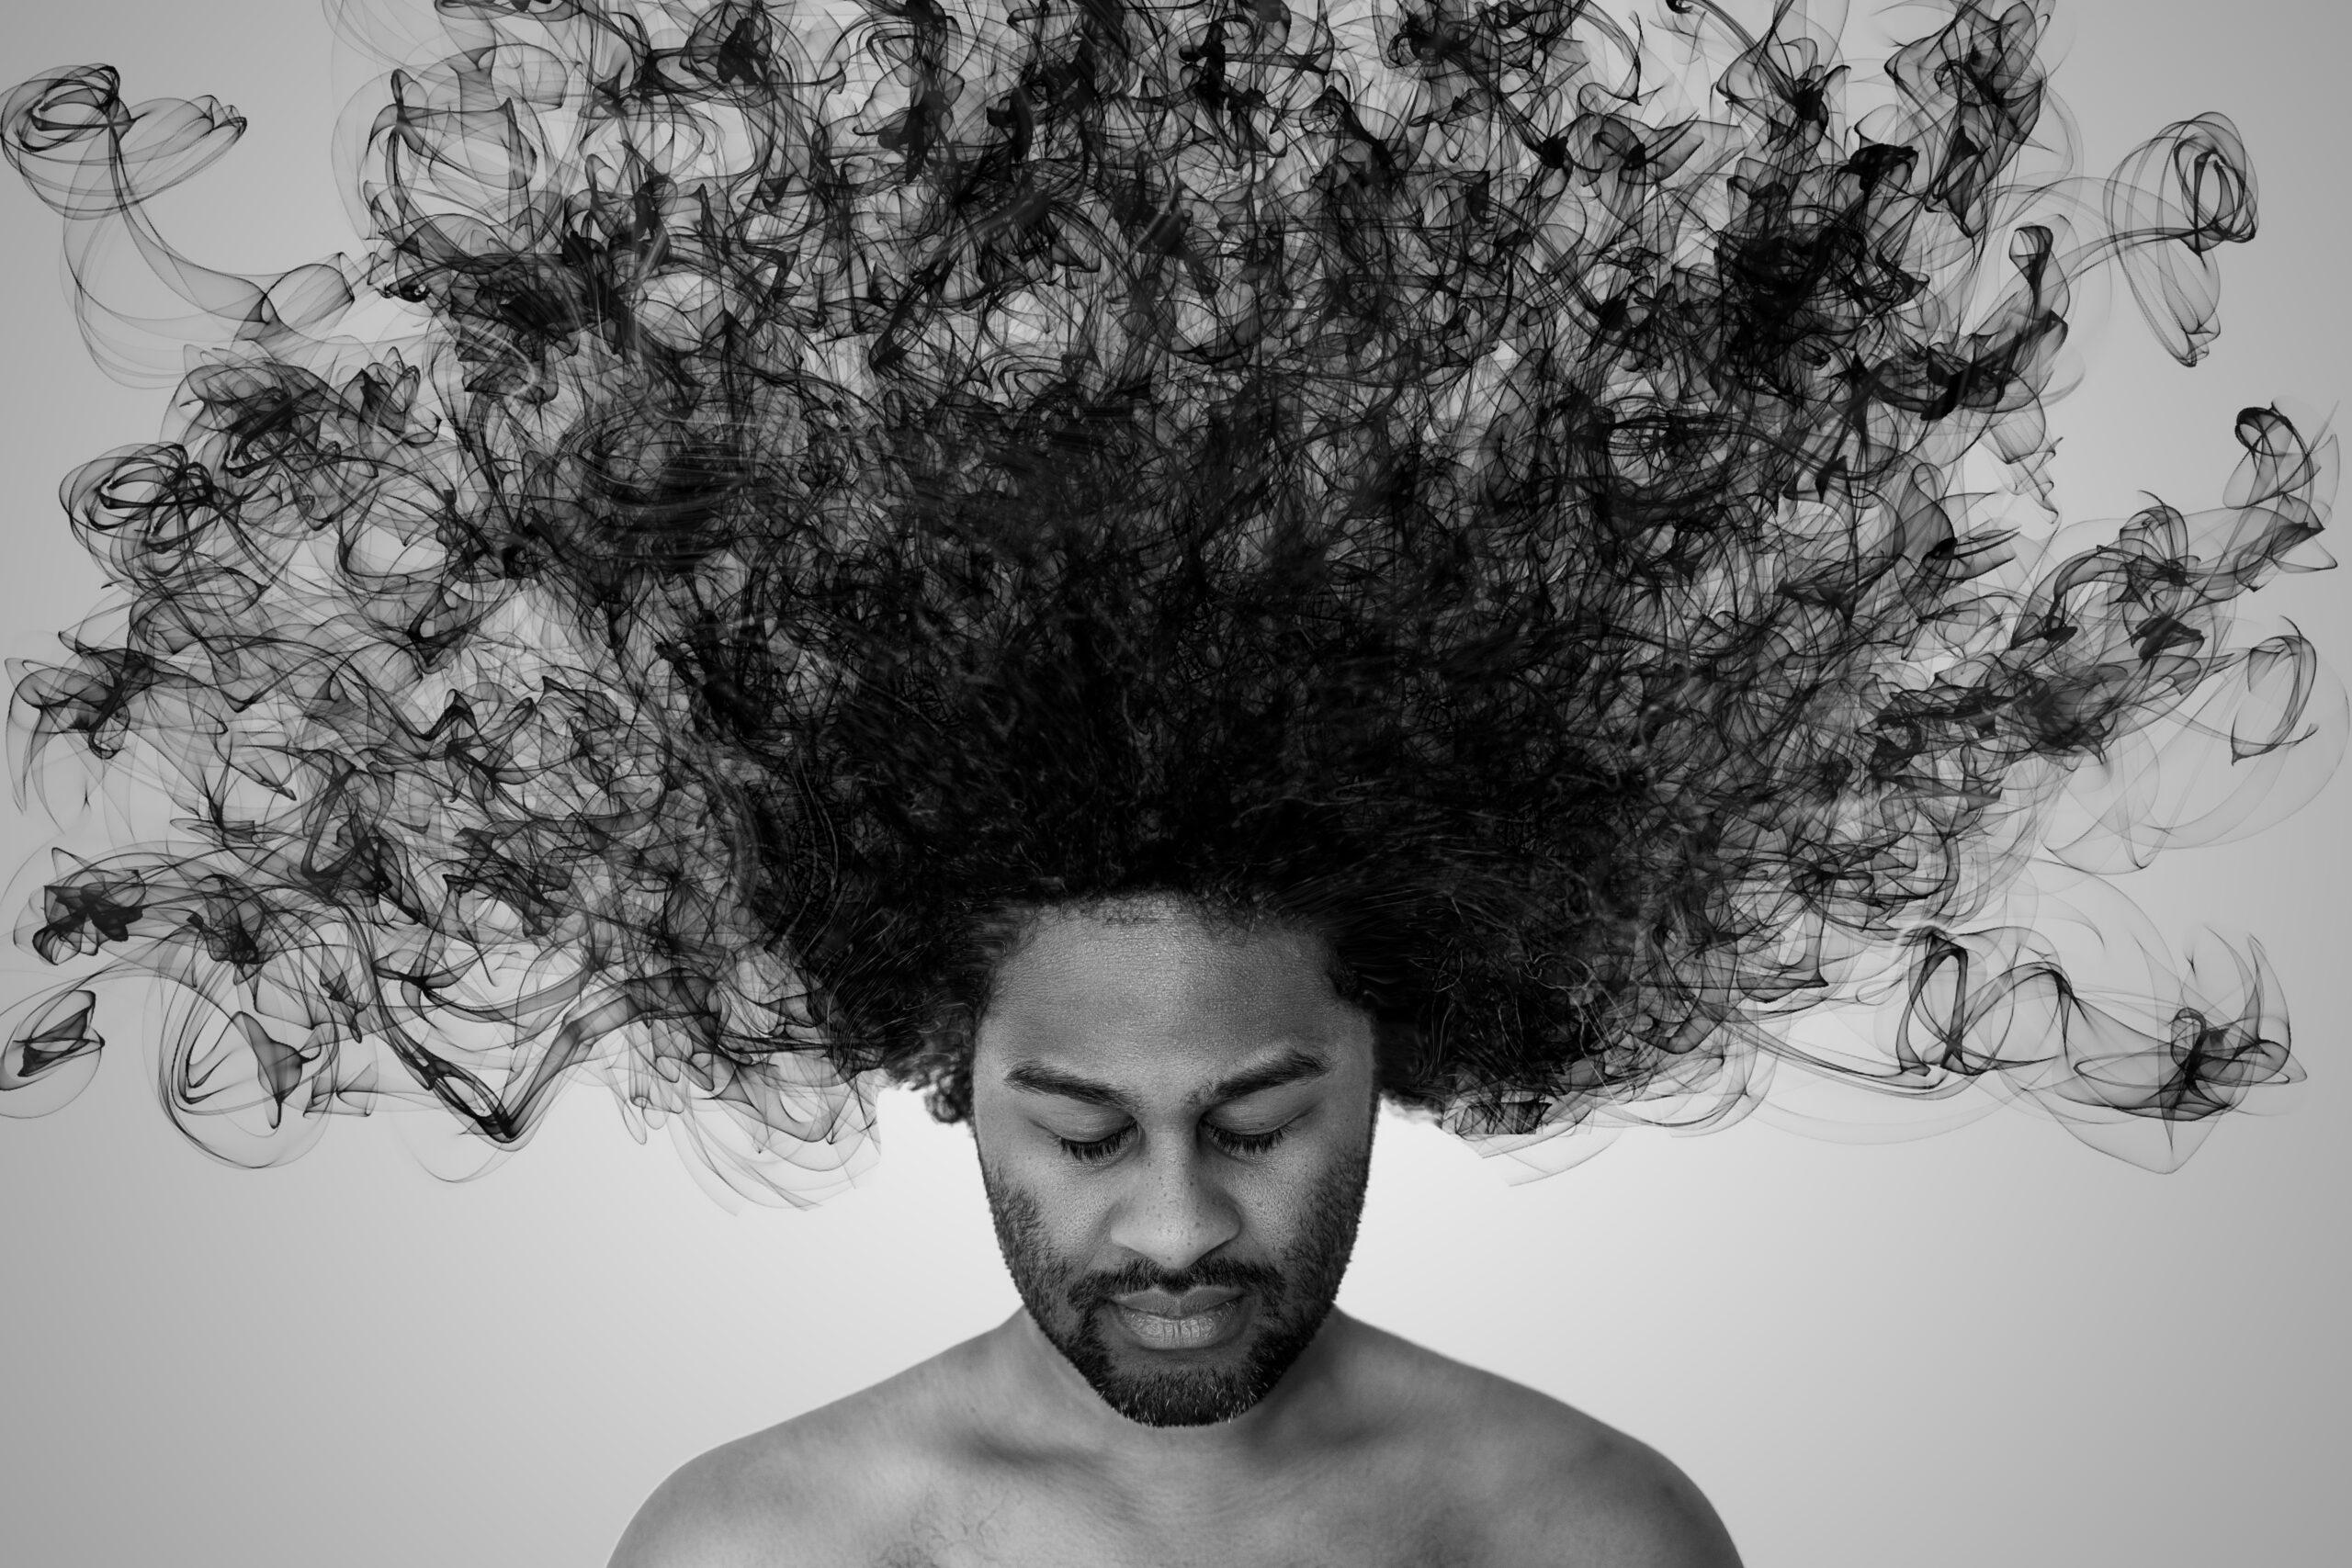 Distorted man portrait